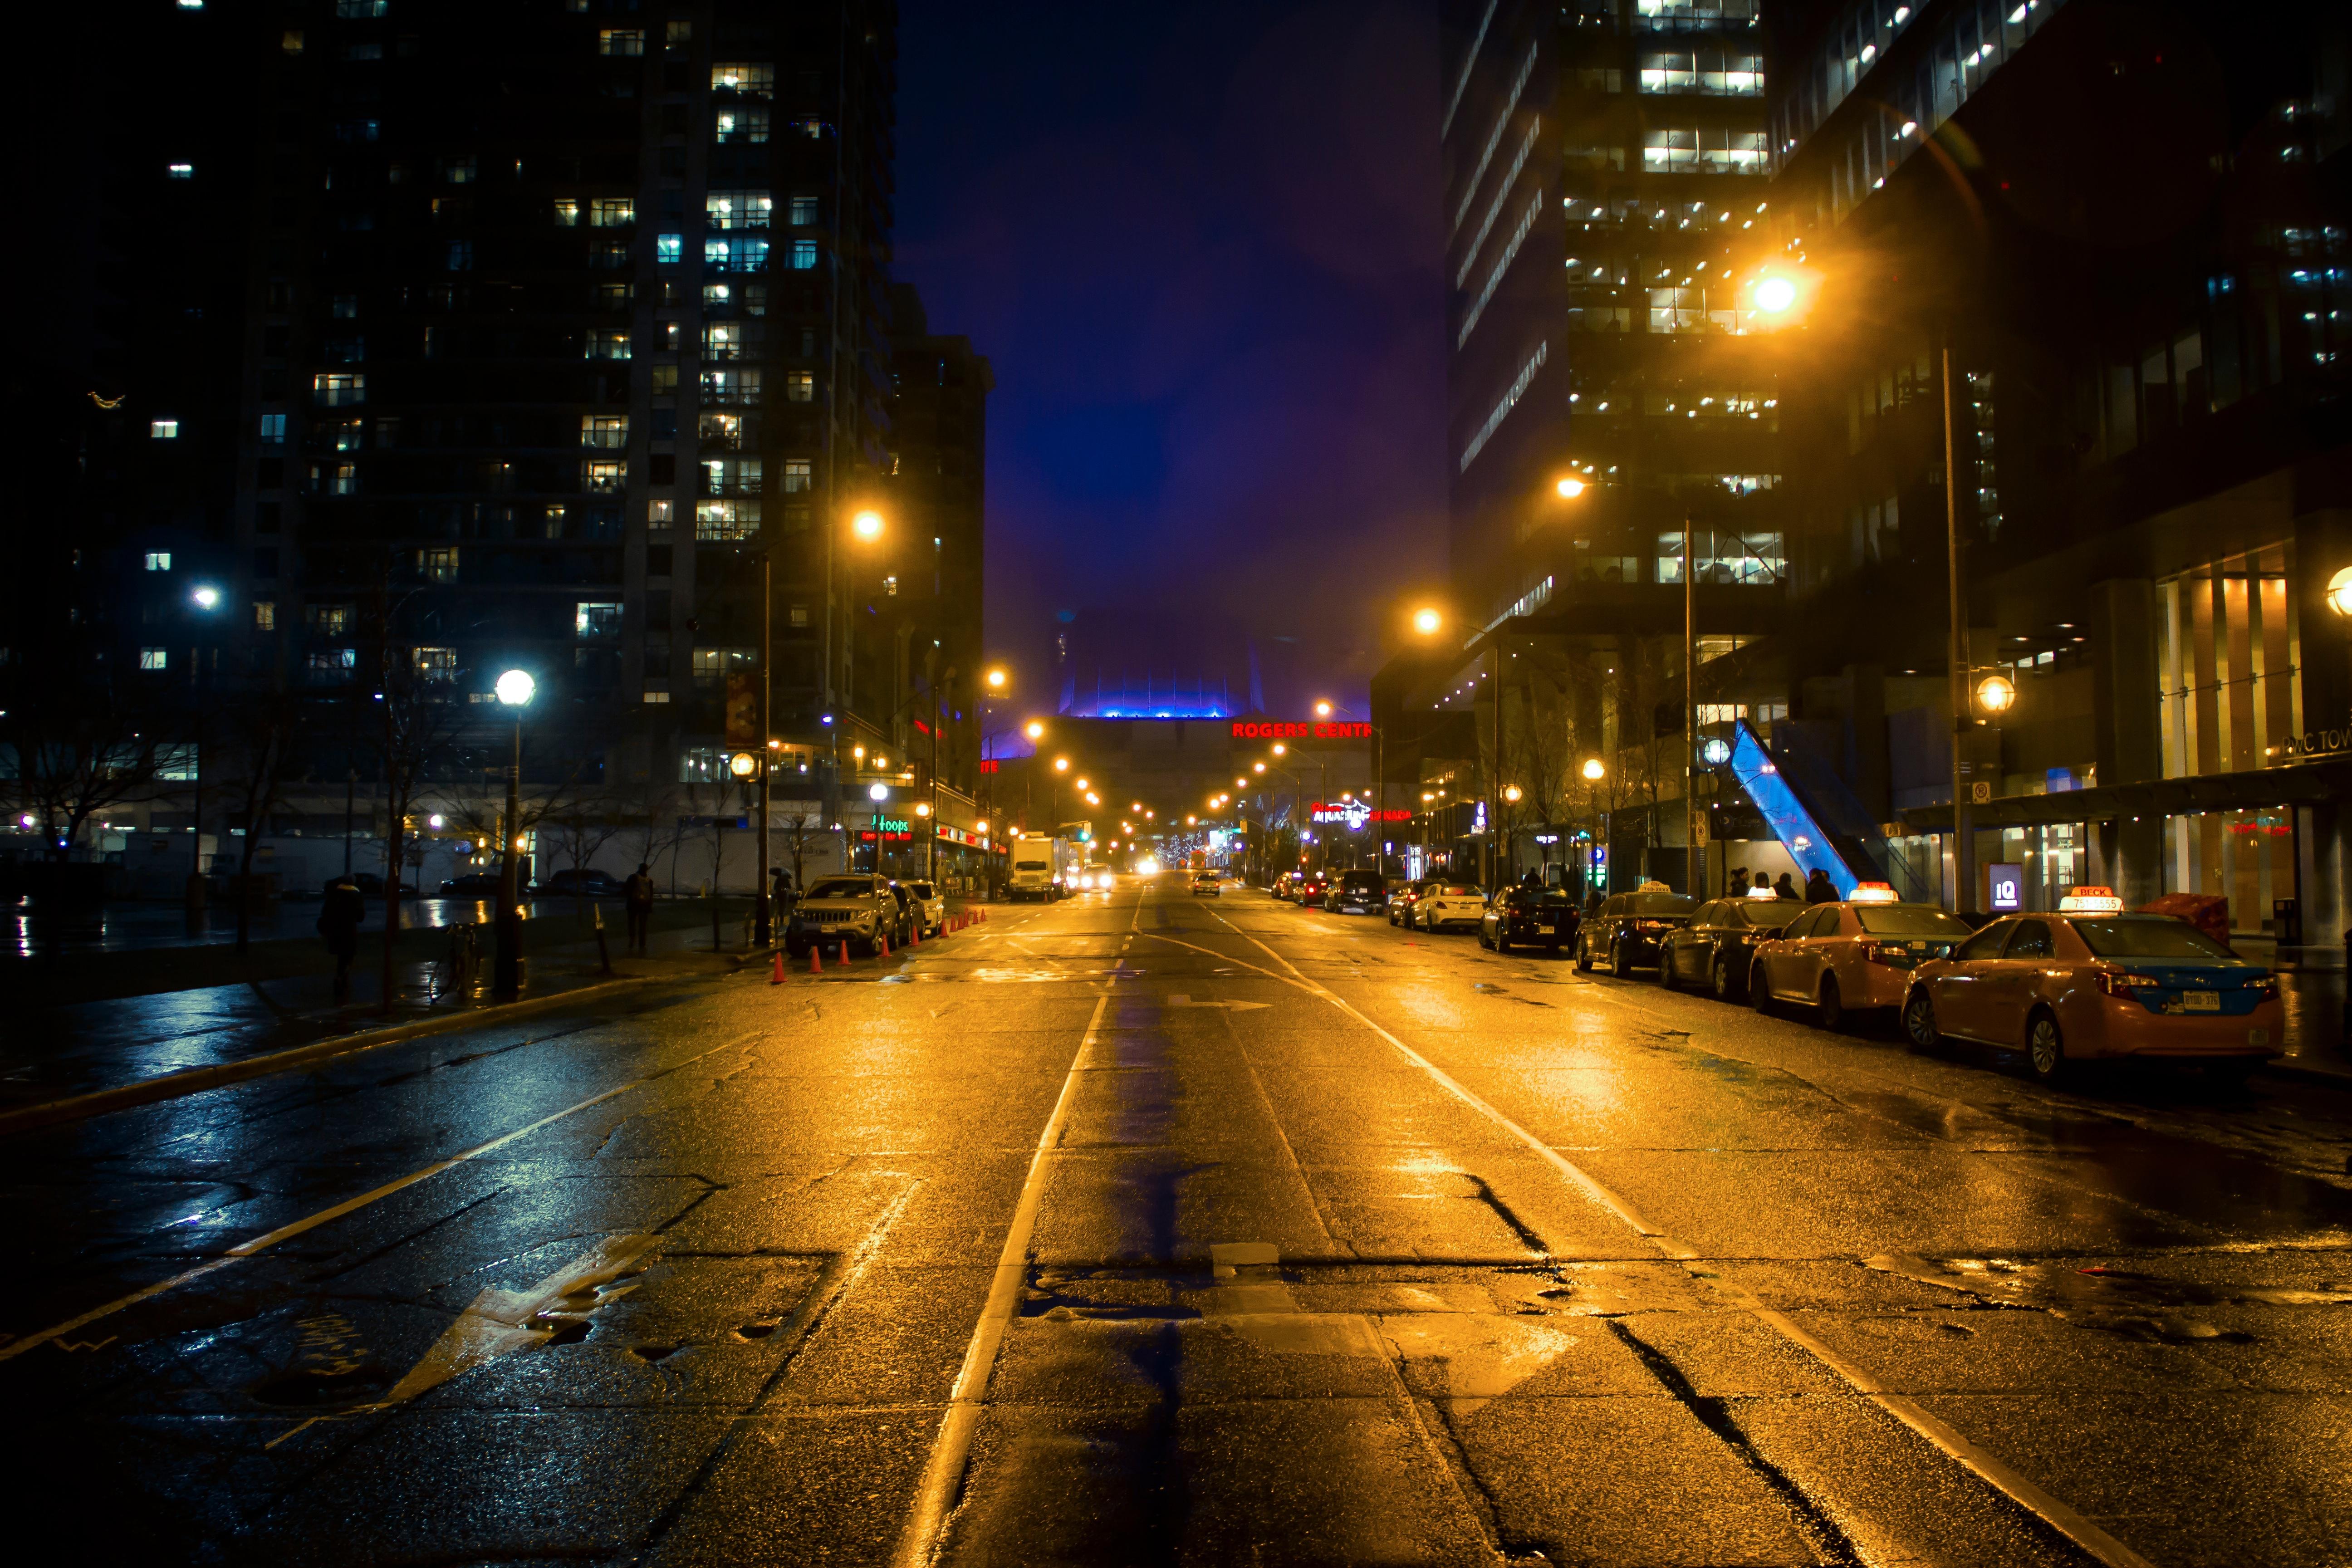 Gambar Cahaya Pemandangan Kota Senja Refleksi Kegelapan Lampu